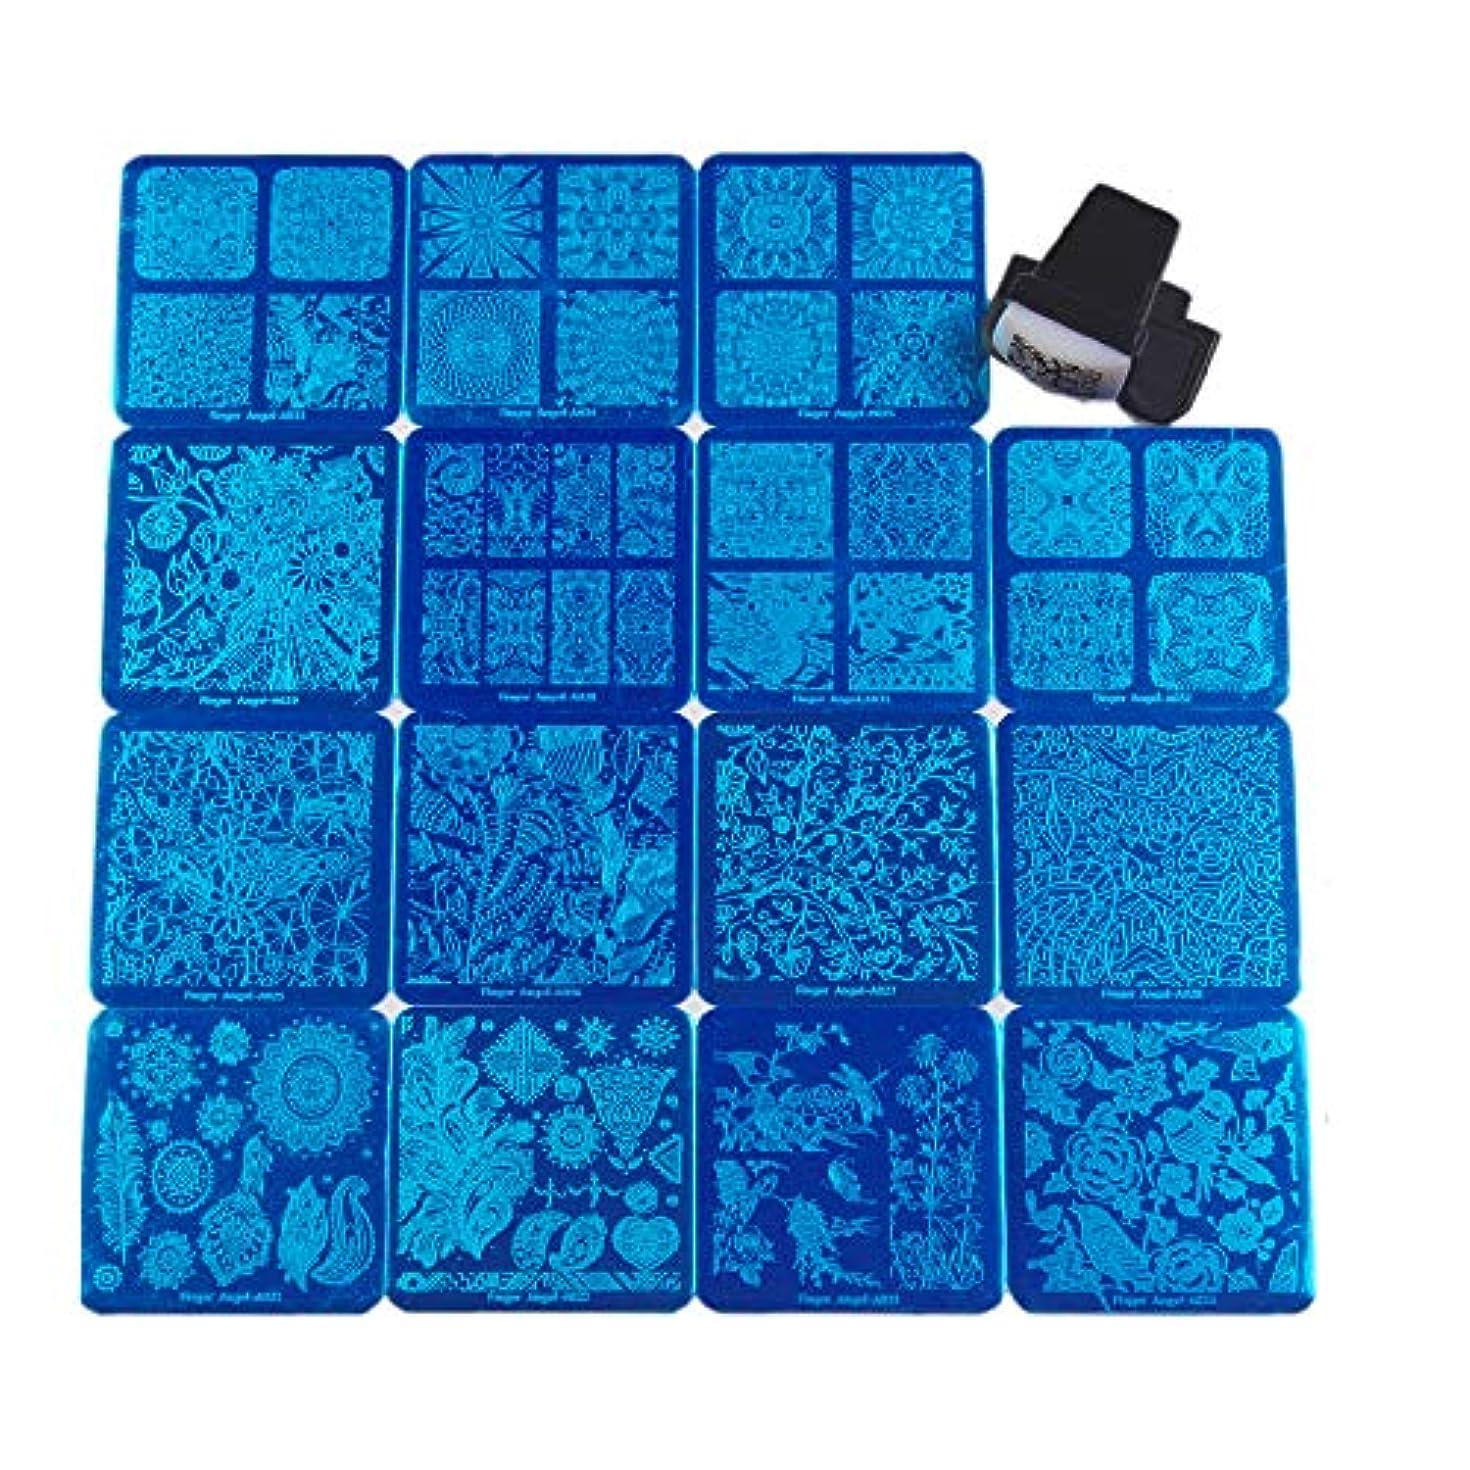 震え操縦する是正FingerAngel ネイルイメージプレートセット ネイルプレート正方形15枚 スタンプ スクレーパー カードバッグ付き ネイルサロンも自宅も使えるネイルプレート